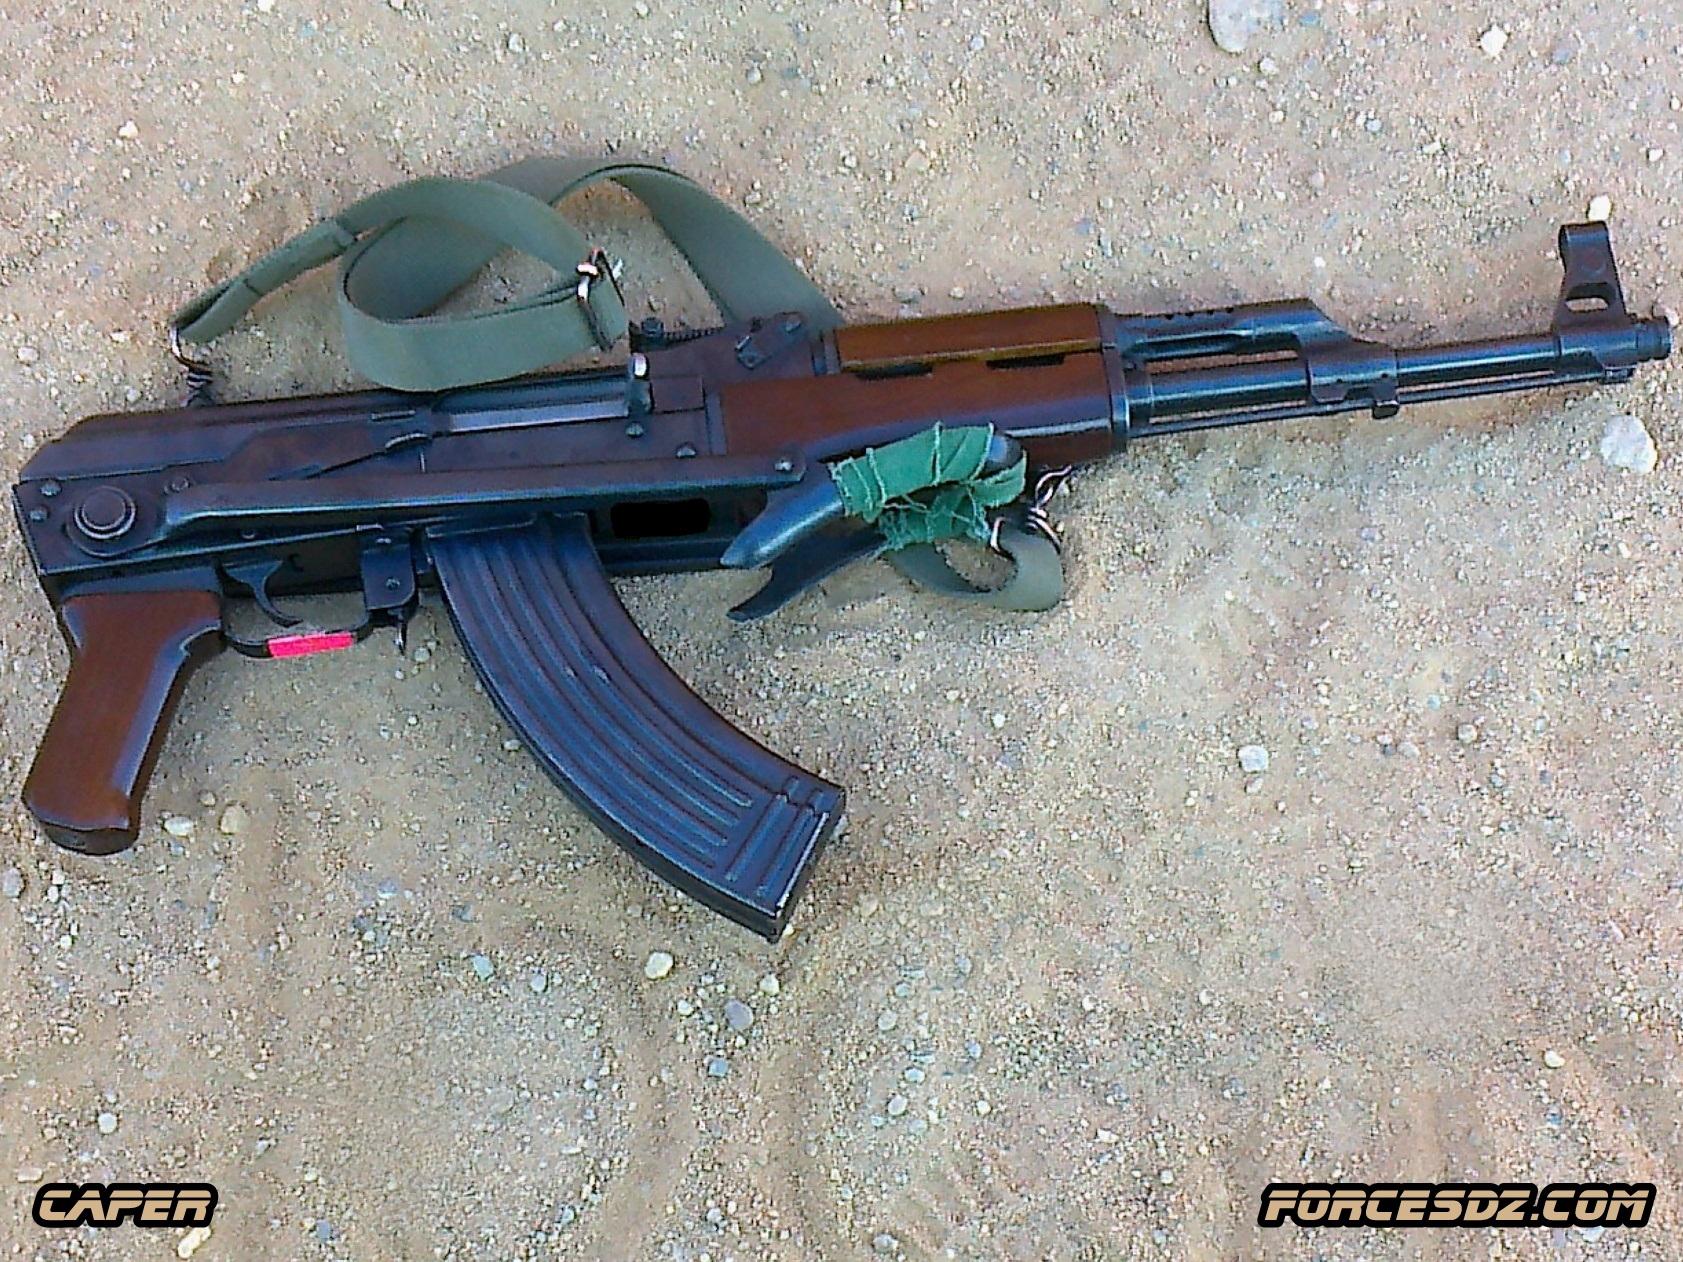 الصناعة العسكرية الجزائرية  [ AKM / Kalashnikov ]  33188423880_ce9bd5005f_o